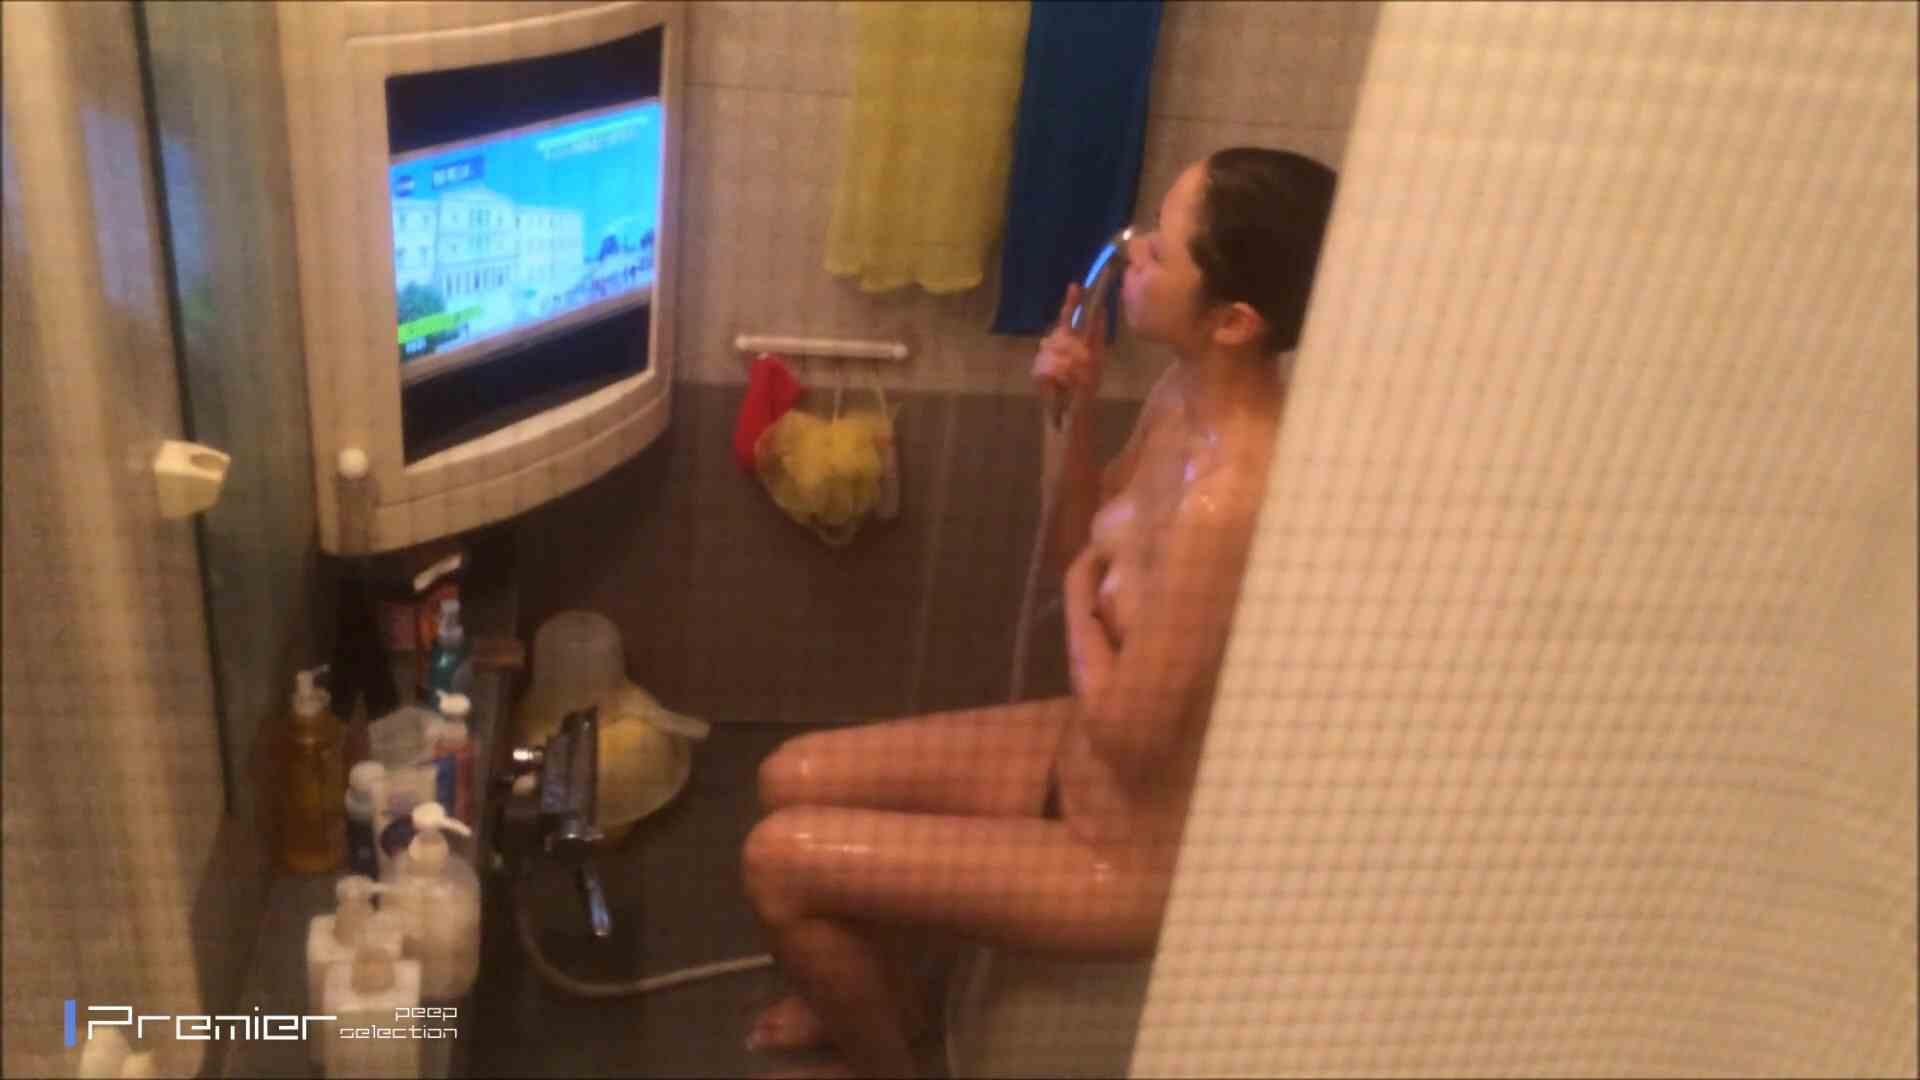 美女のテレビを見ながらの入浴 乙女の風呂場 Vol.21 美乳 セックス画像 111画像 96